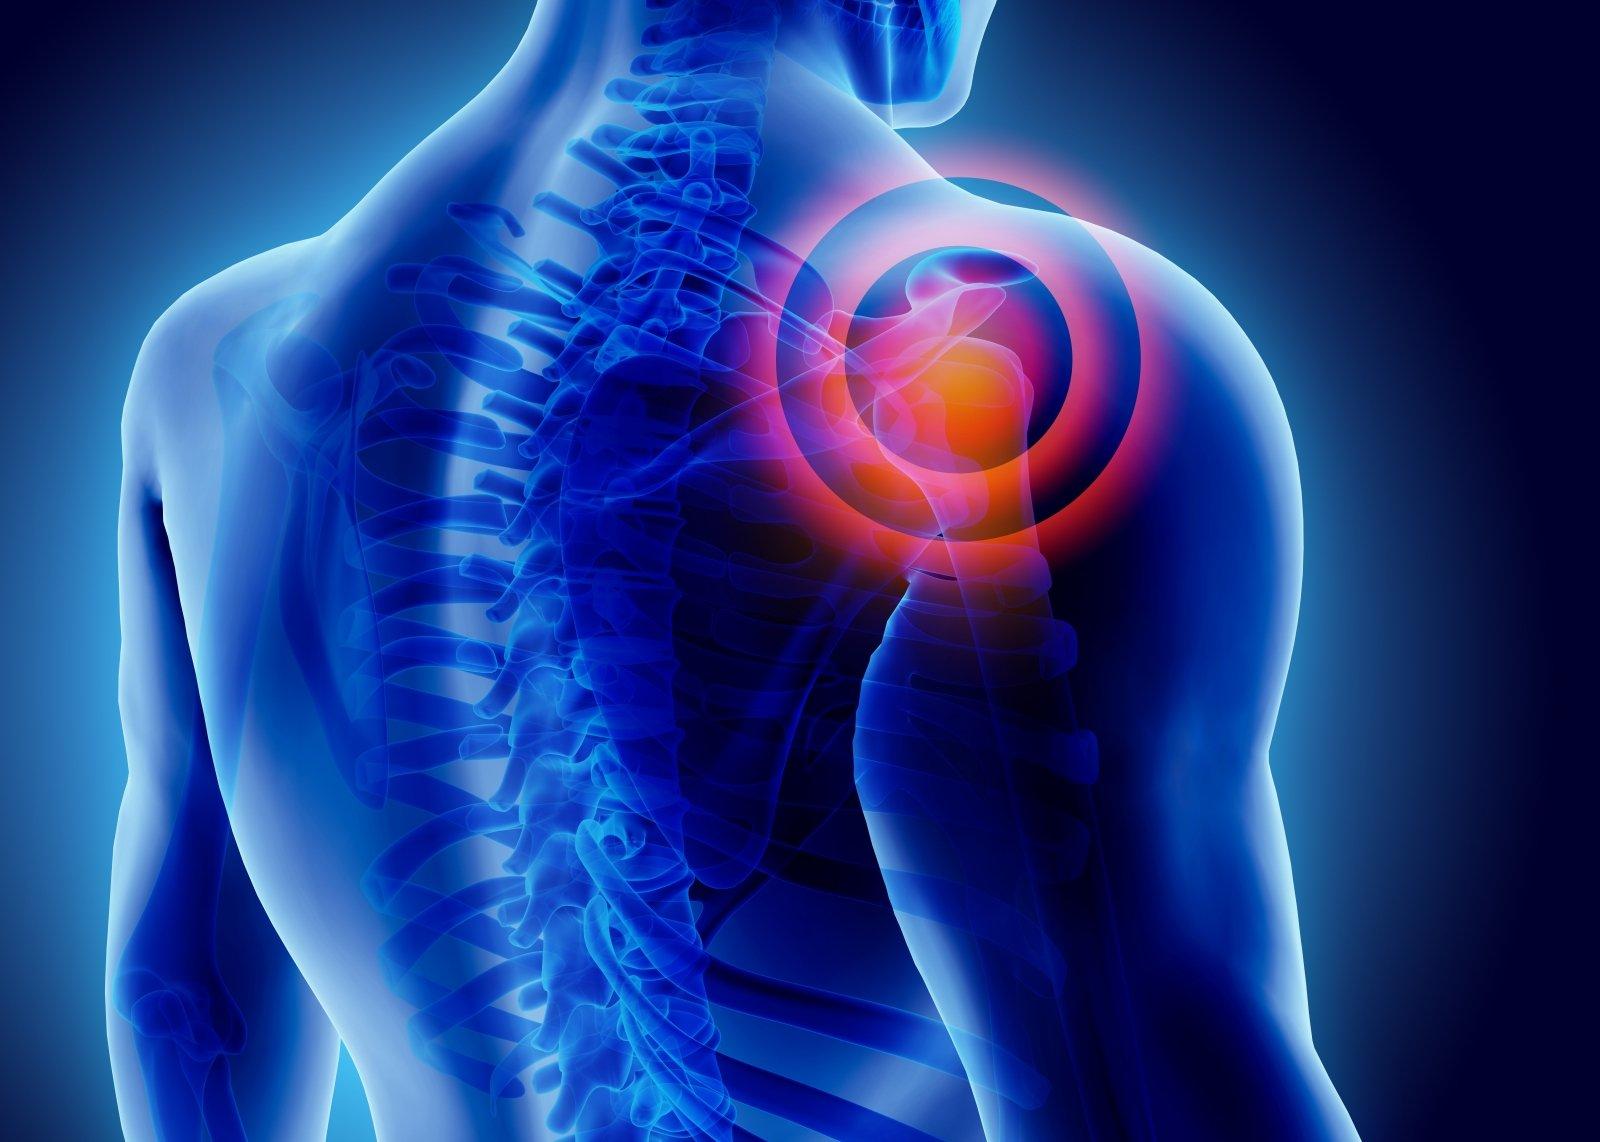 artrozė iš peties sąnario ir gydymo